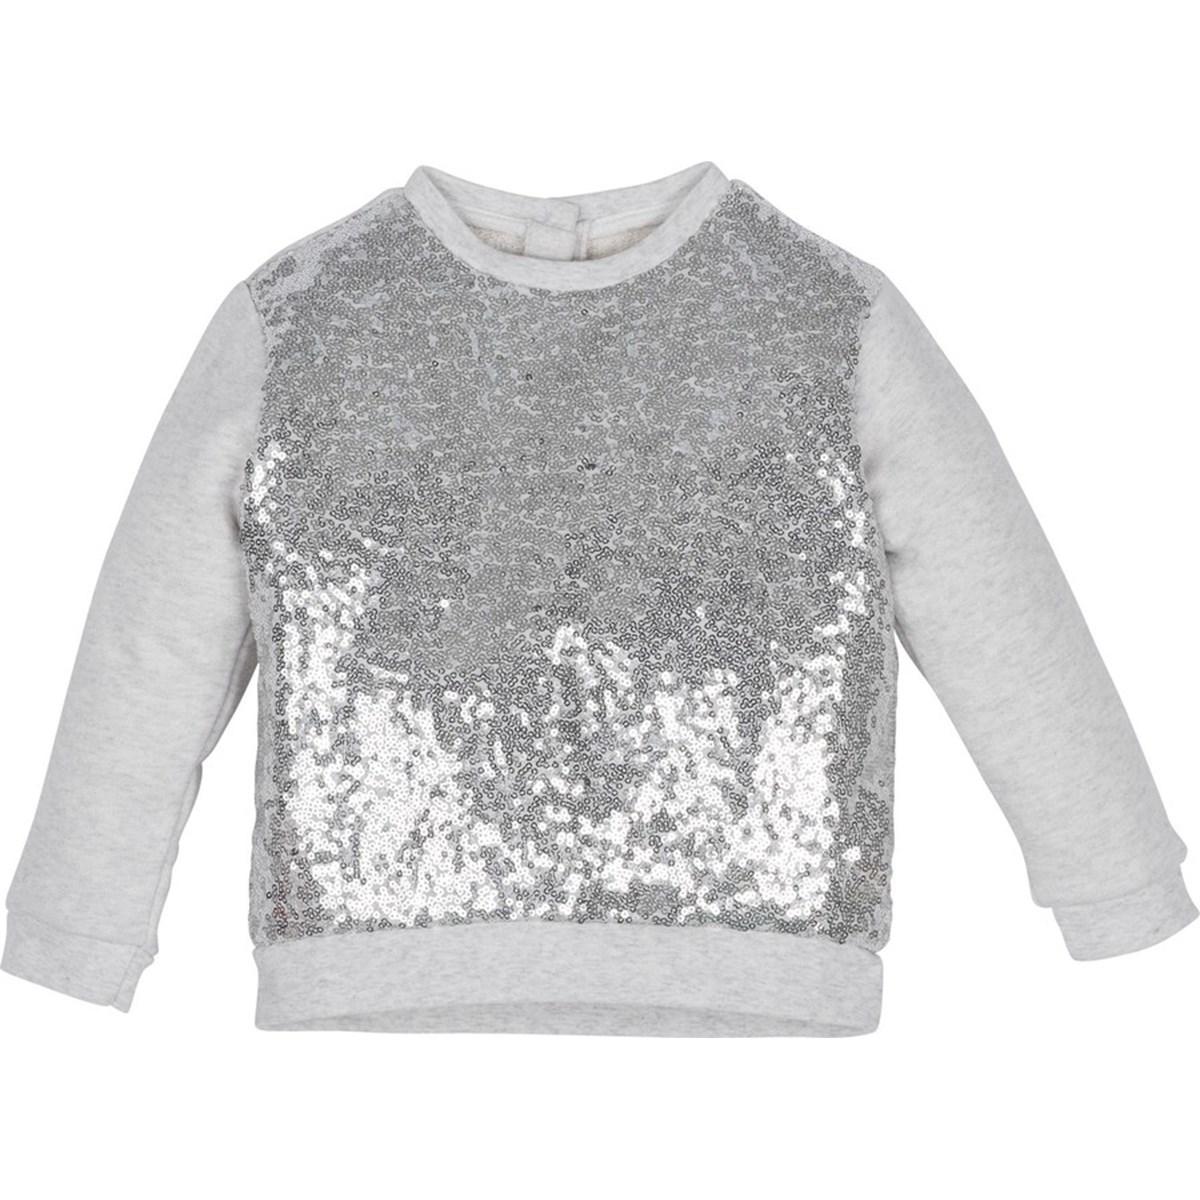 12409 Sweatshirt 1